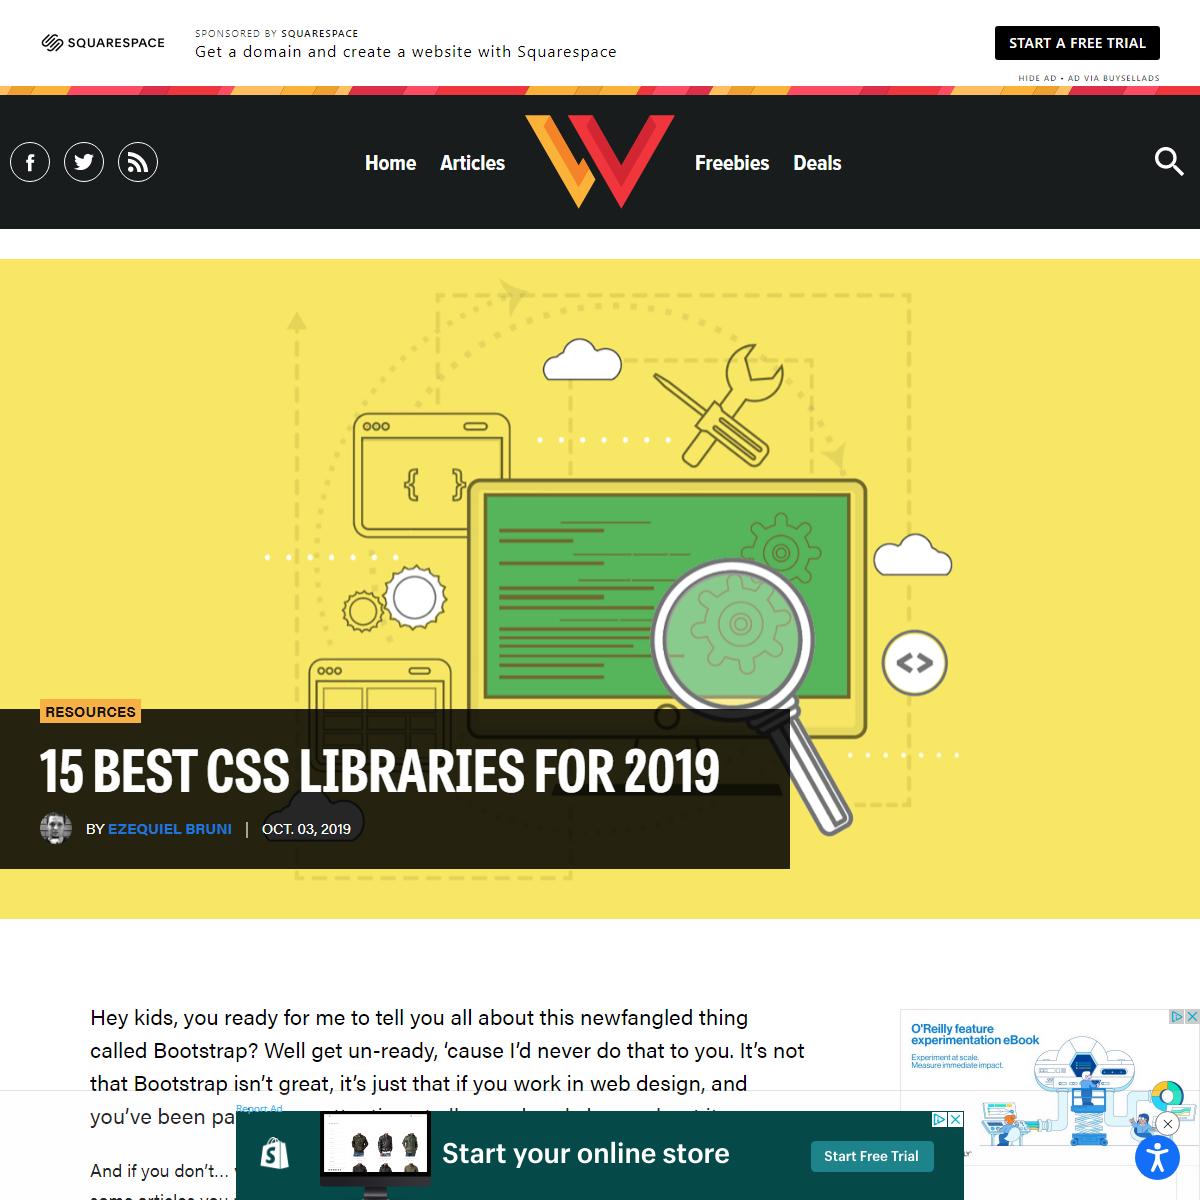 15 Best CSS Libraries for 2019 - Webdesigner Depot Webdesigner Depot » Blog Archive